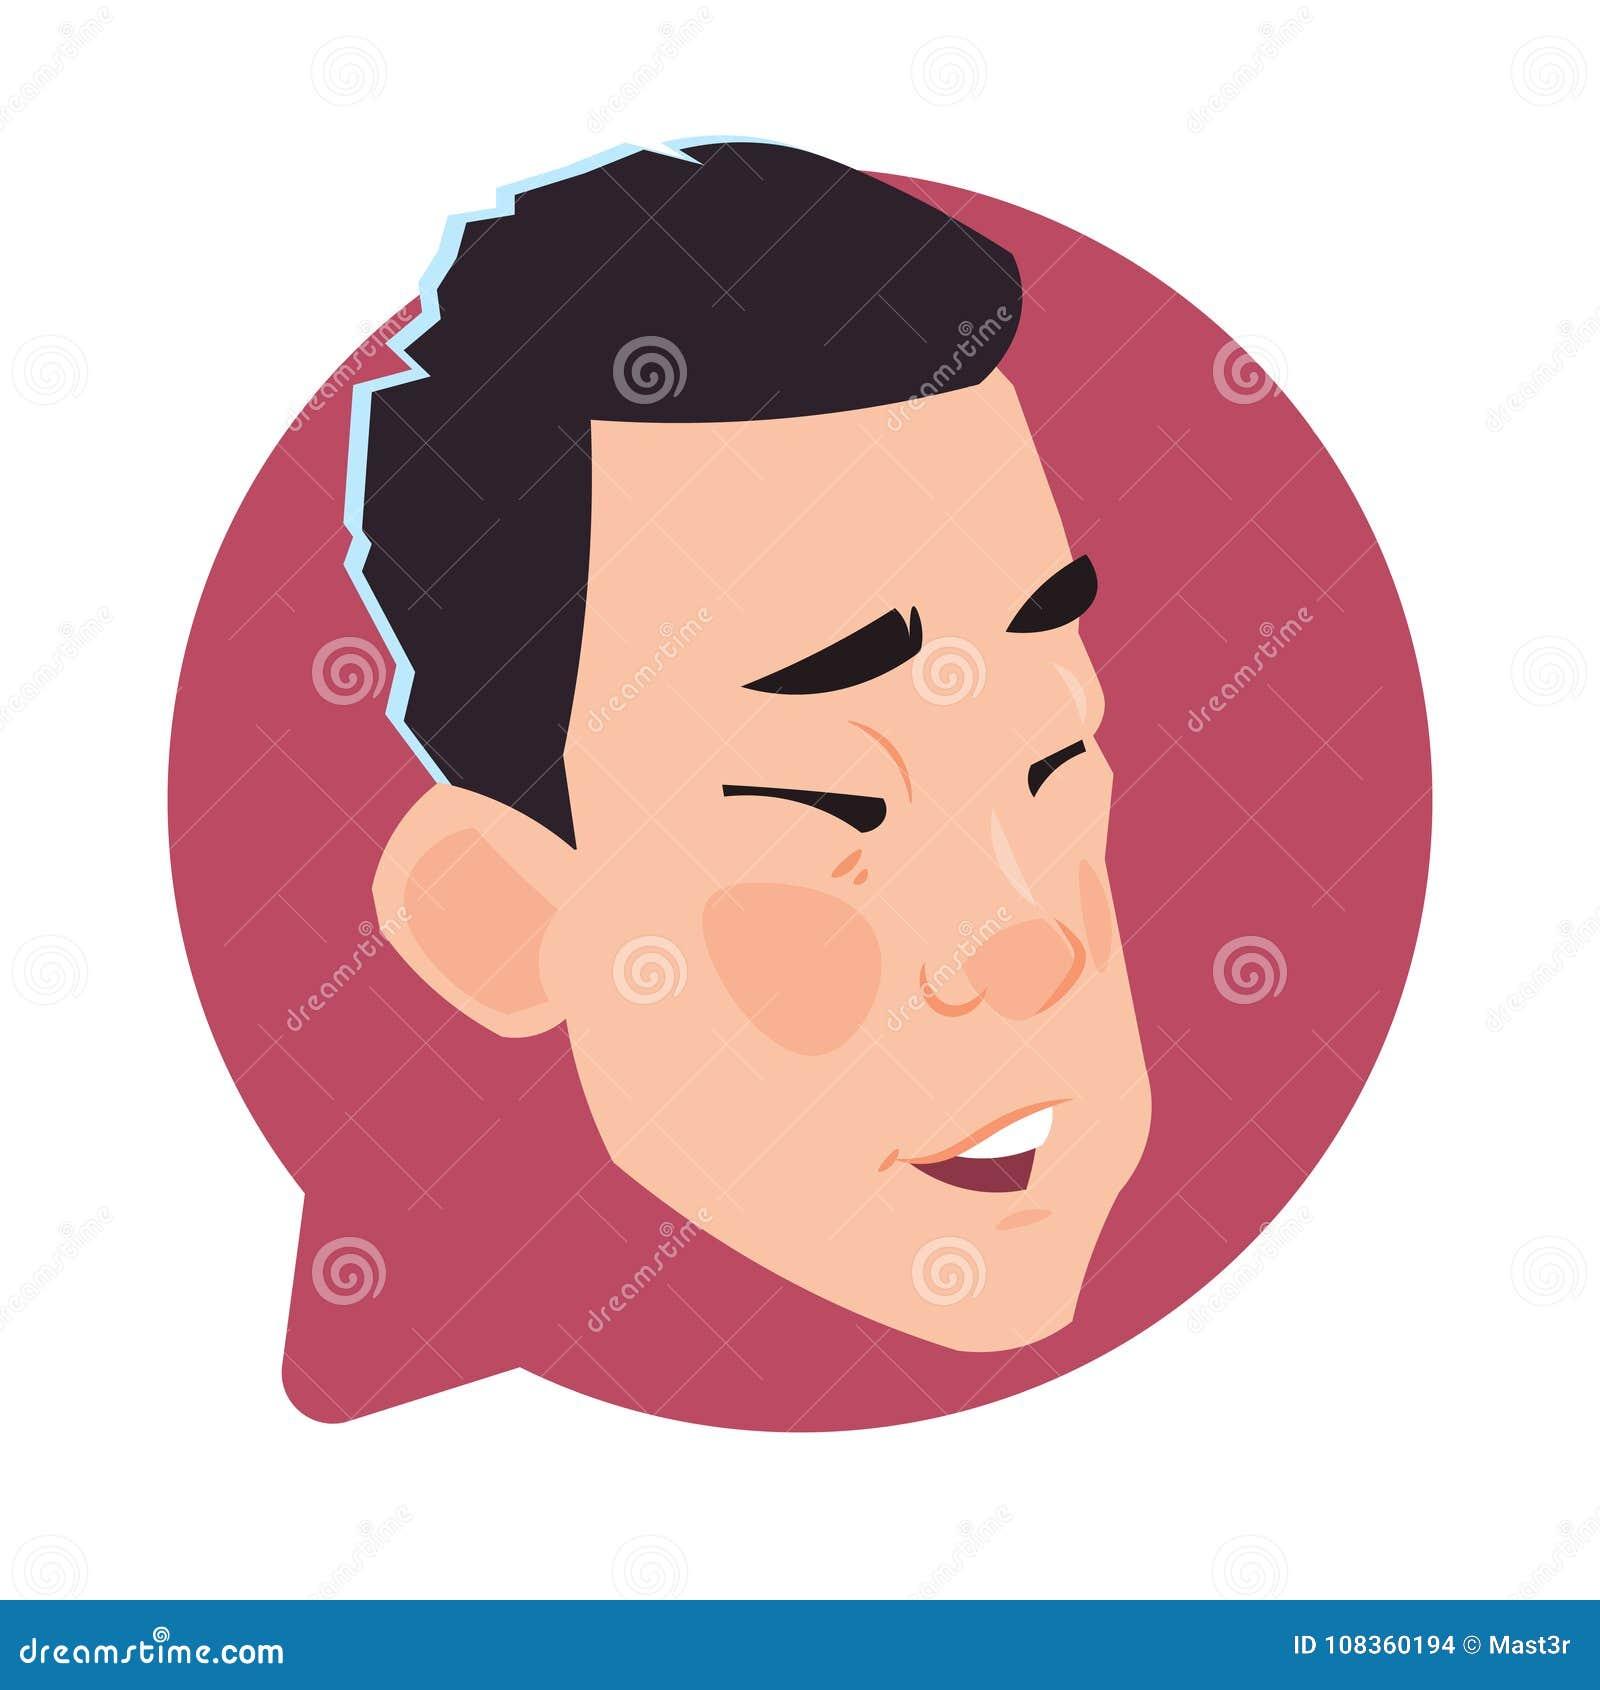 Cabeça masculina asiática do ícone do perfil na bolha isolada, retrato do bate-papo do personagem de banda desenhada do Avatar do